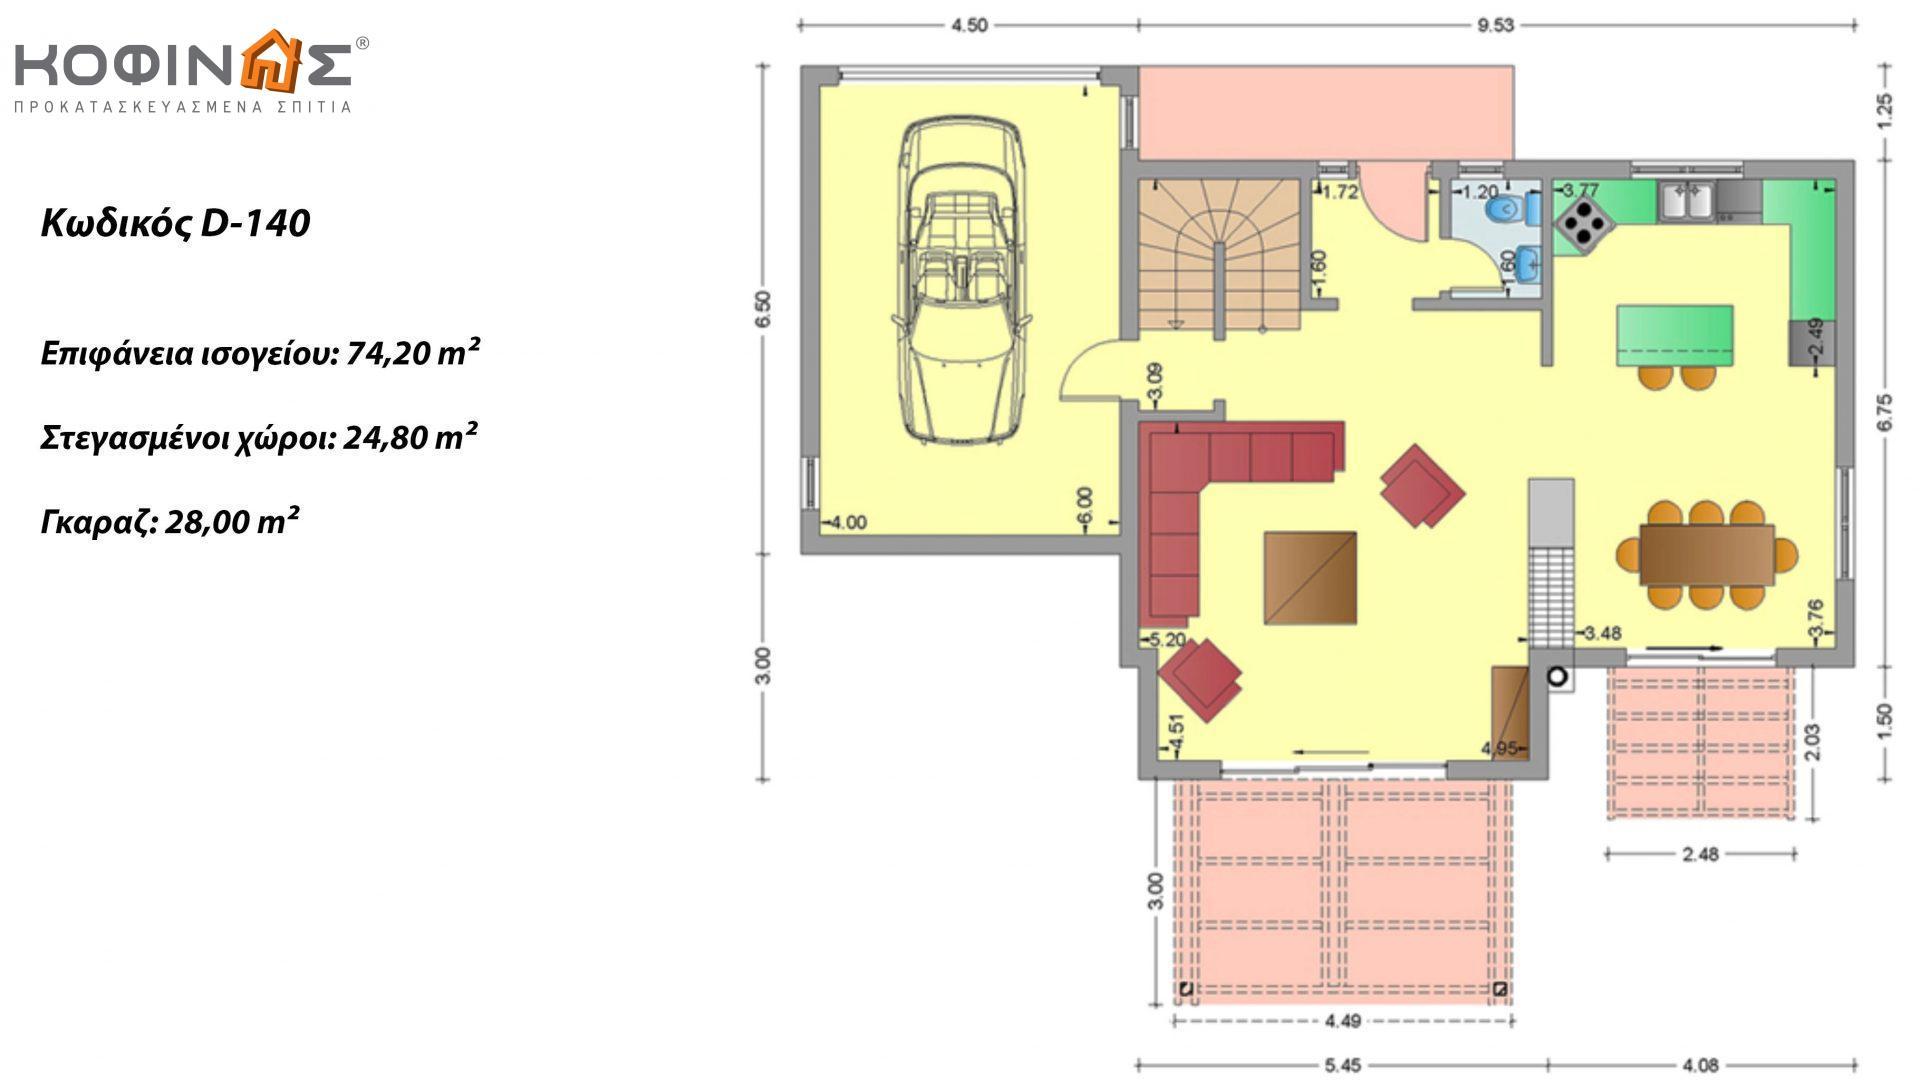 Διώροφη Κατοικία D-140, συνολικής επιφάνειας 140,20 τ.μ., συνολική επιφάνεια στεγασμένων χώρων 33.00 τ.μ., μπαλκόνια 8.20 τ.μ.